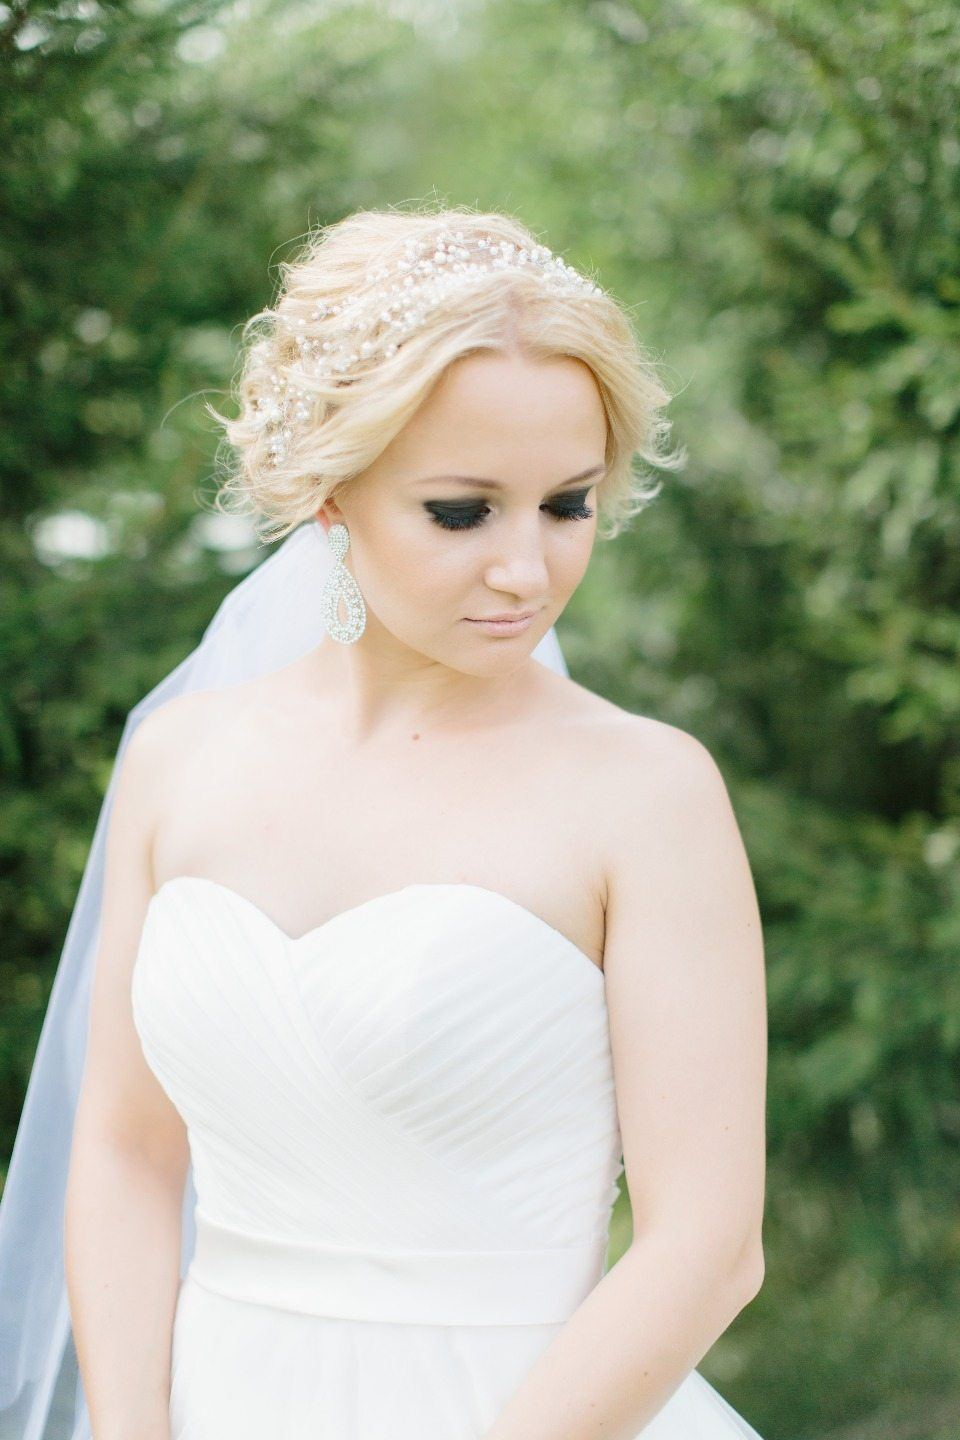 Летнее платье невесты: 50 вдохновляющих примеров + советы